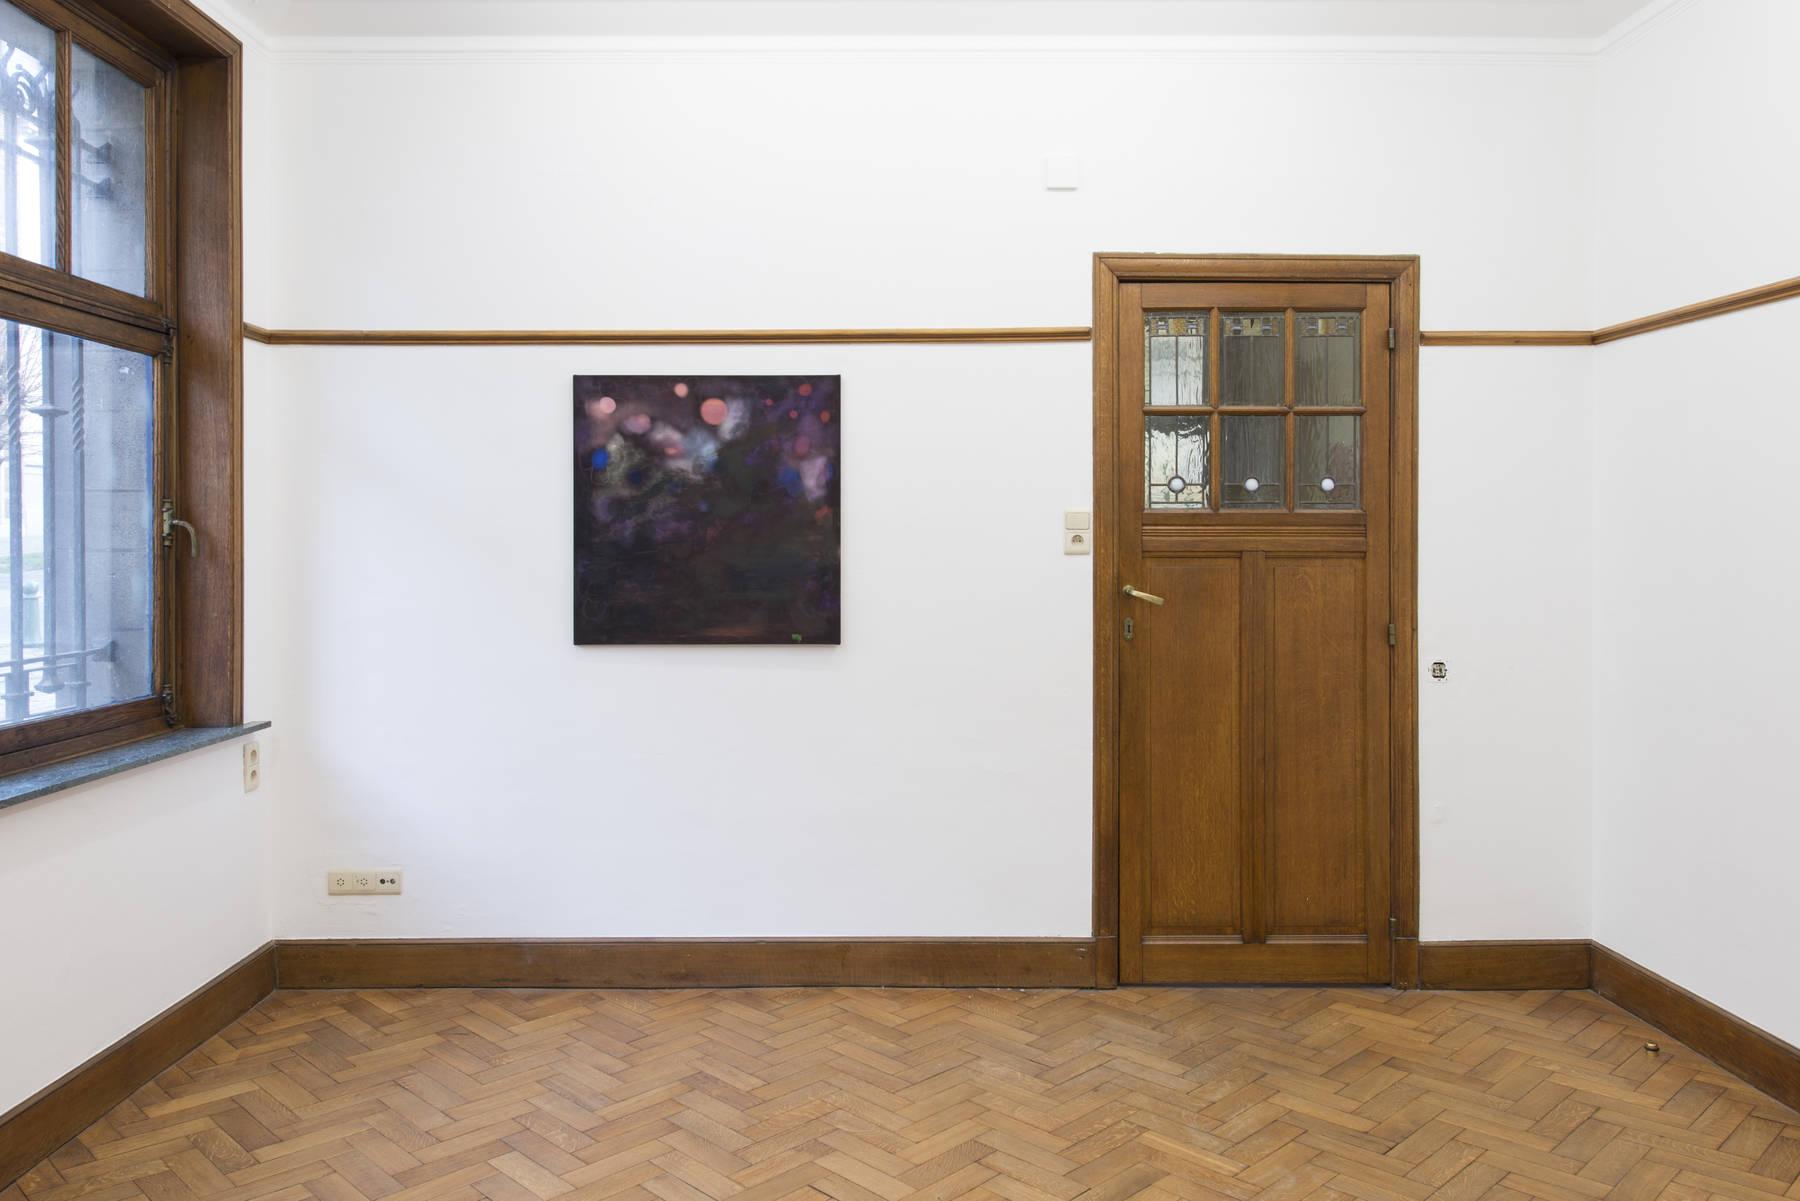 La Peinture Abstraite, 2018, Exhibition View, LA MAISON DE RENDEZ VOUS,  Brussels